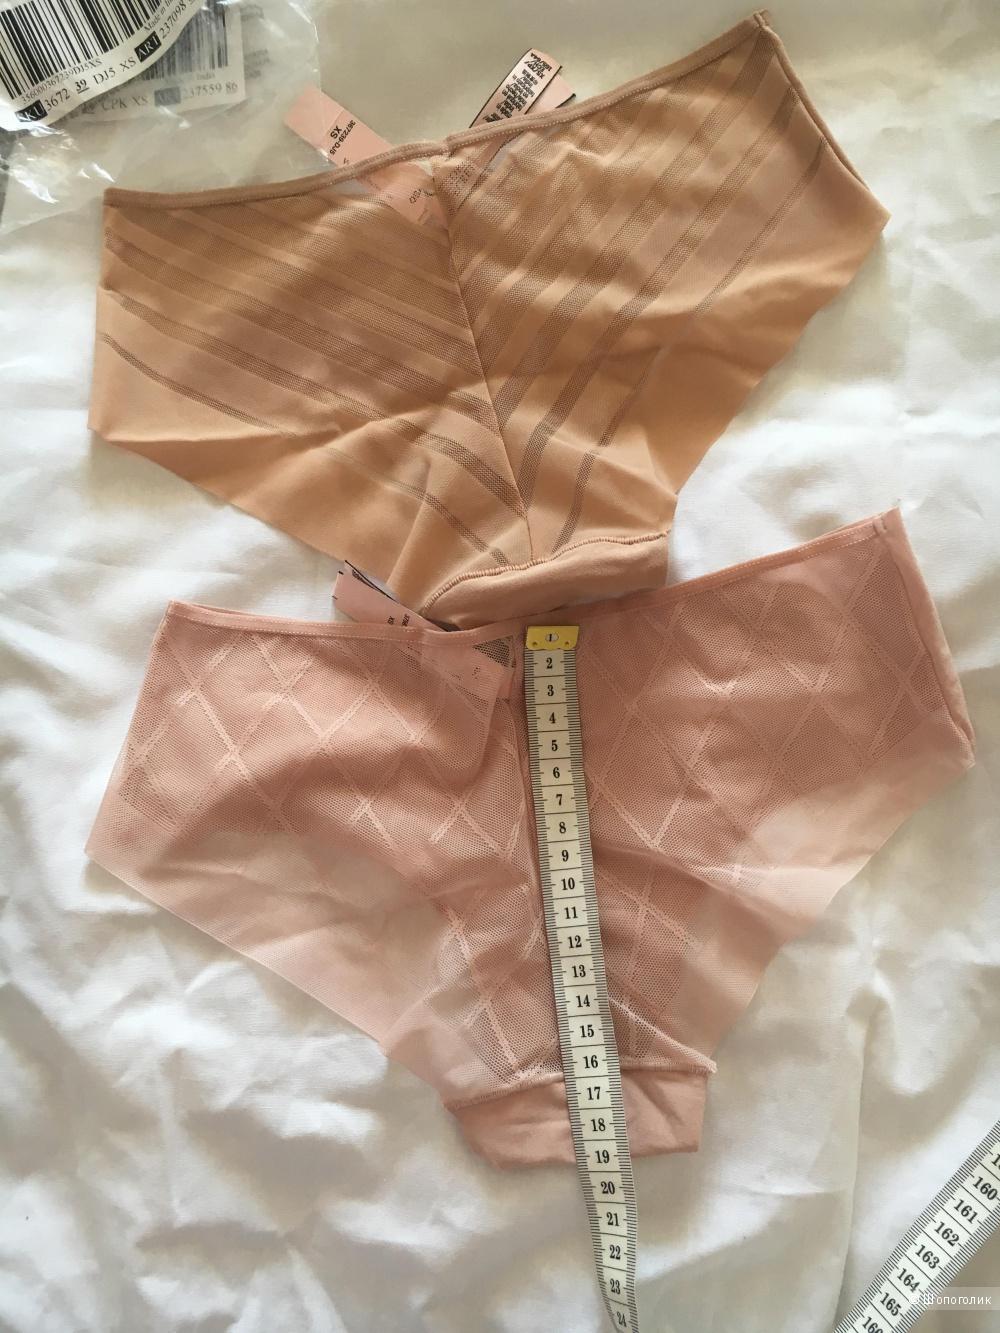 Сет трусиков, Victoria's Secret, размер XS